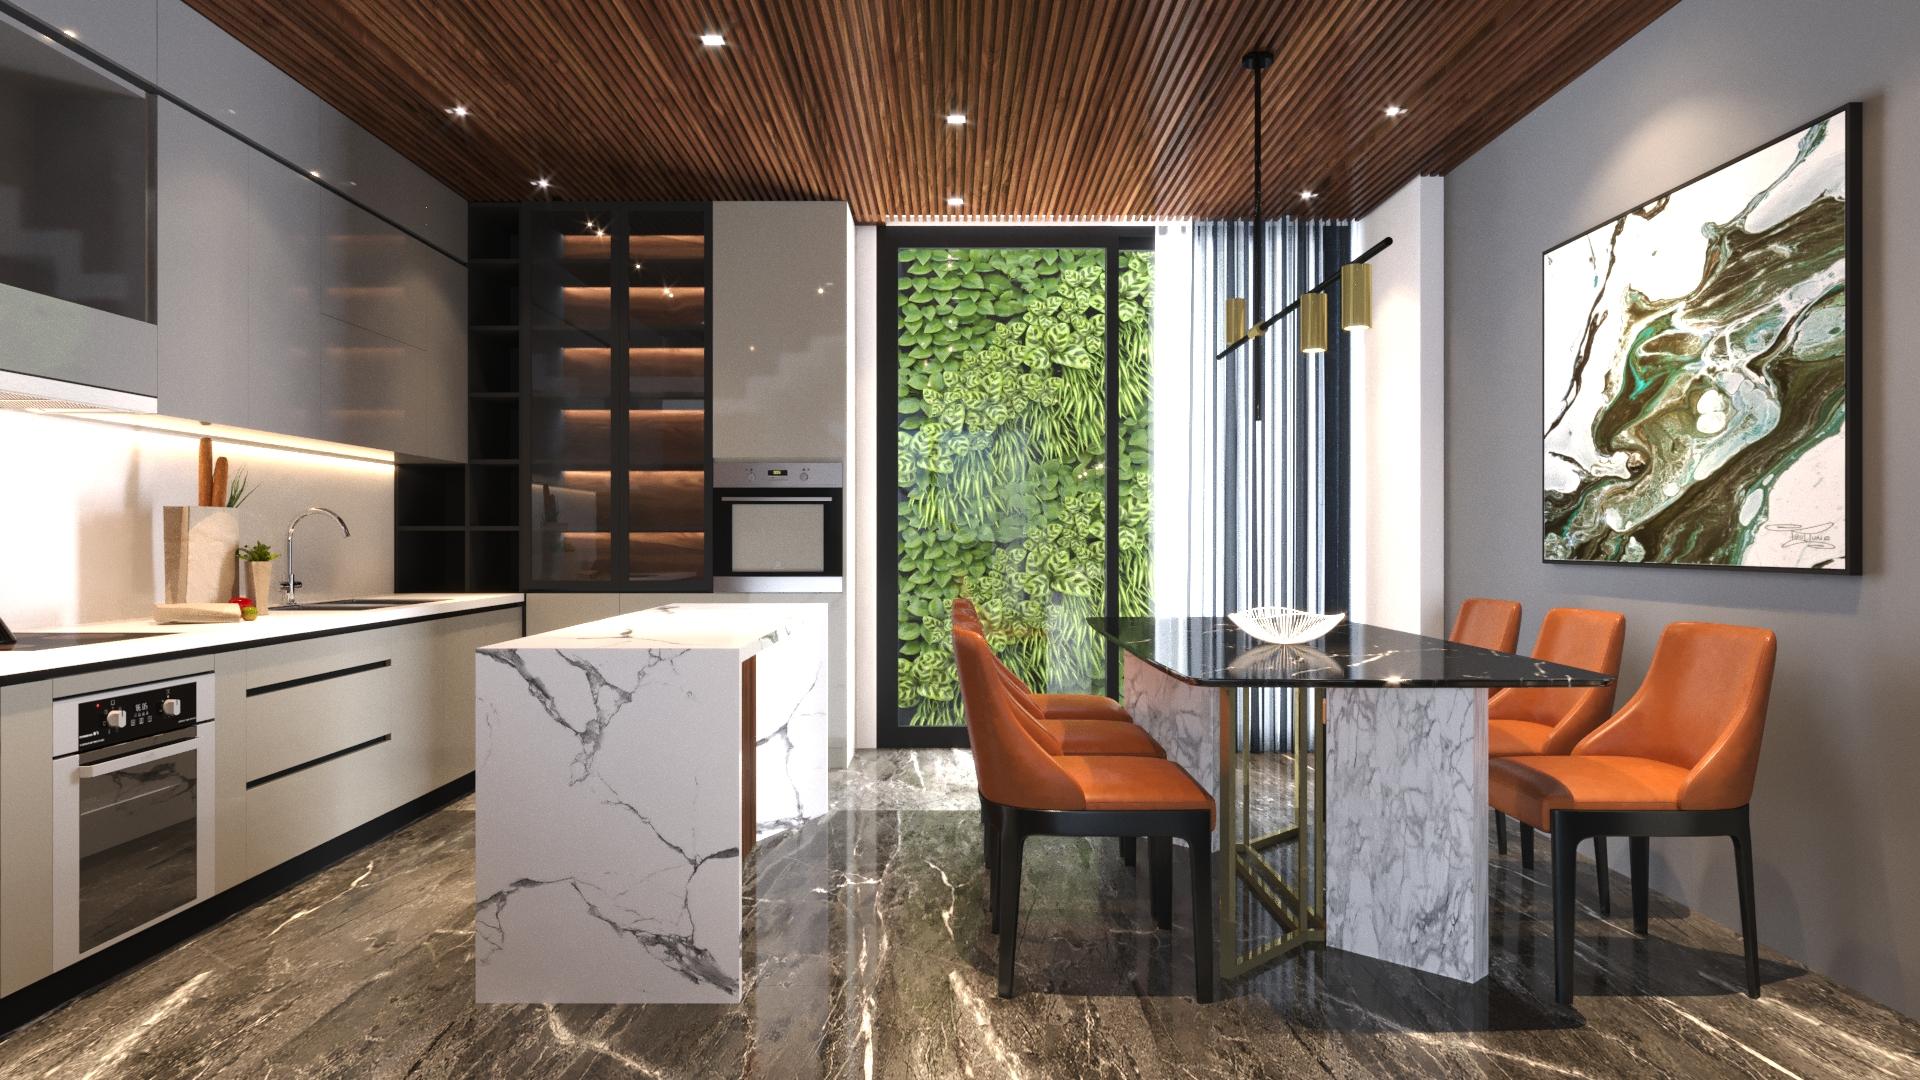 thiết kế Nhà Mặt Phố 3 tầng tại Đà Nẵng N house 2 1555265733